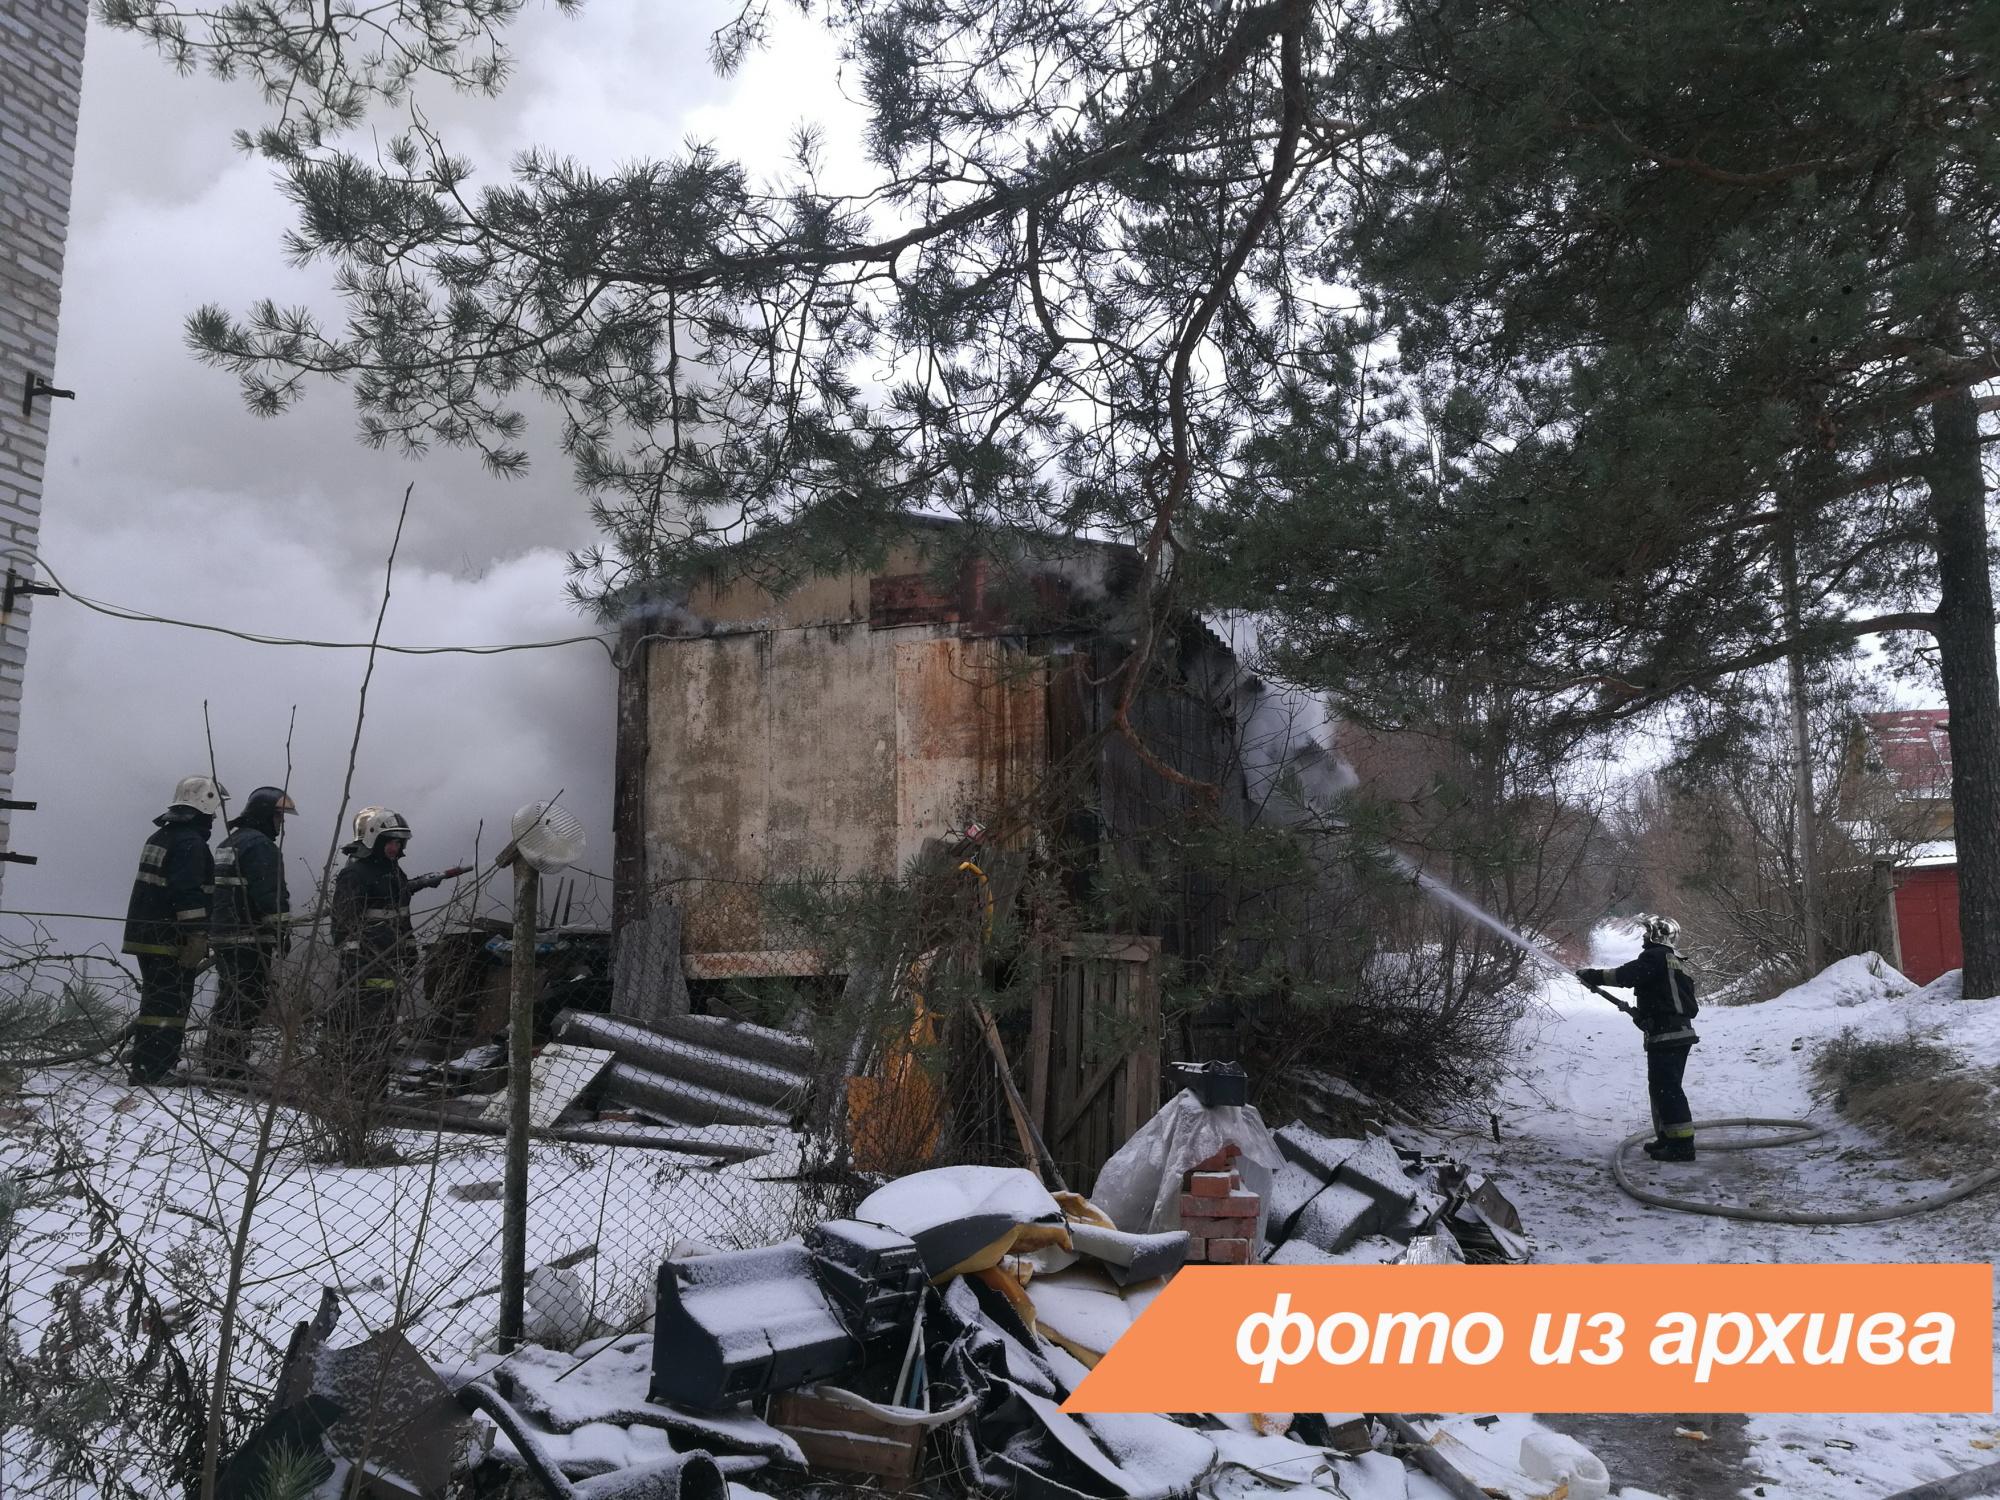 Пожарно-спасательное подразделение Ленинградской области ликвидировало пожар в Волховском районе